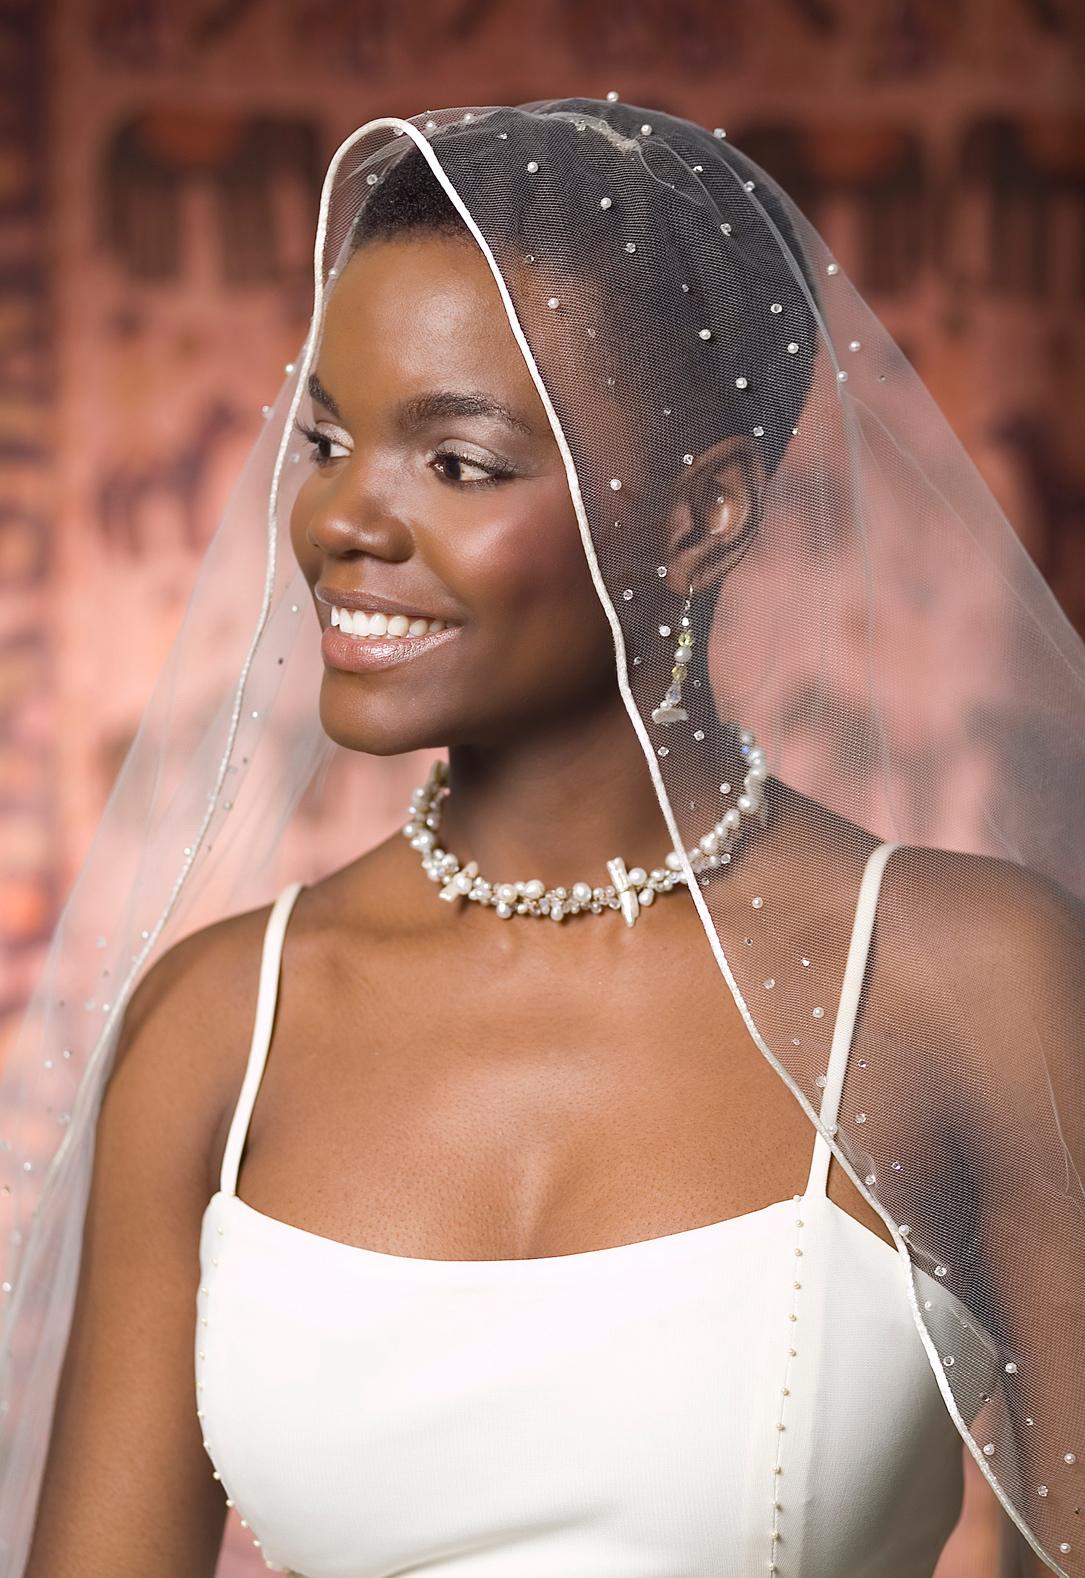 Fantastic Short Hair Wedding Styles For Black Short Hair Fashions Short Hairstyles For Black Women Fulllsitofus